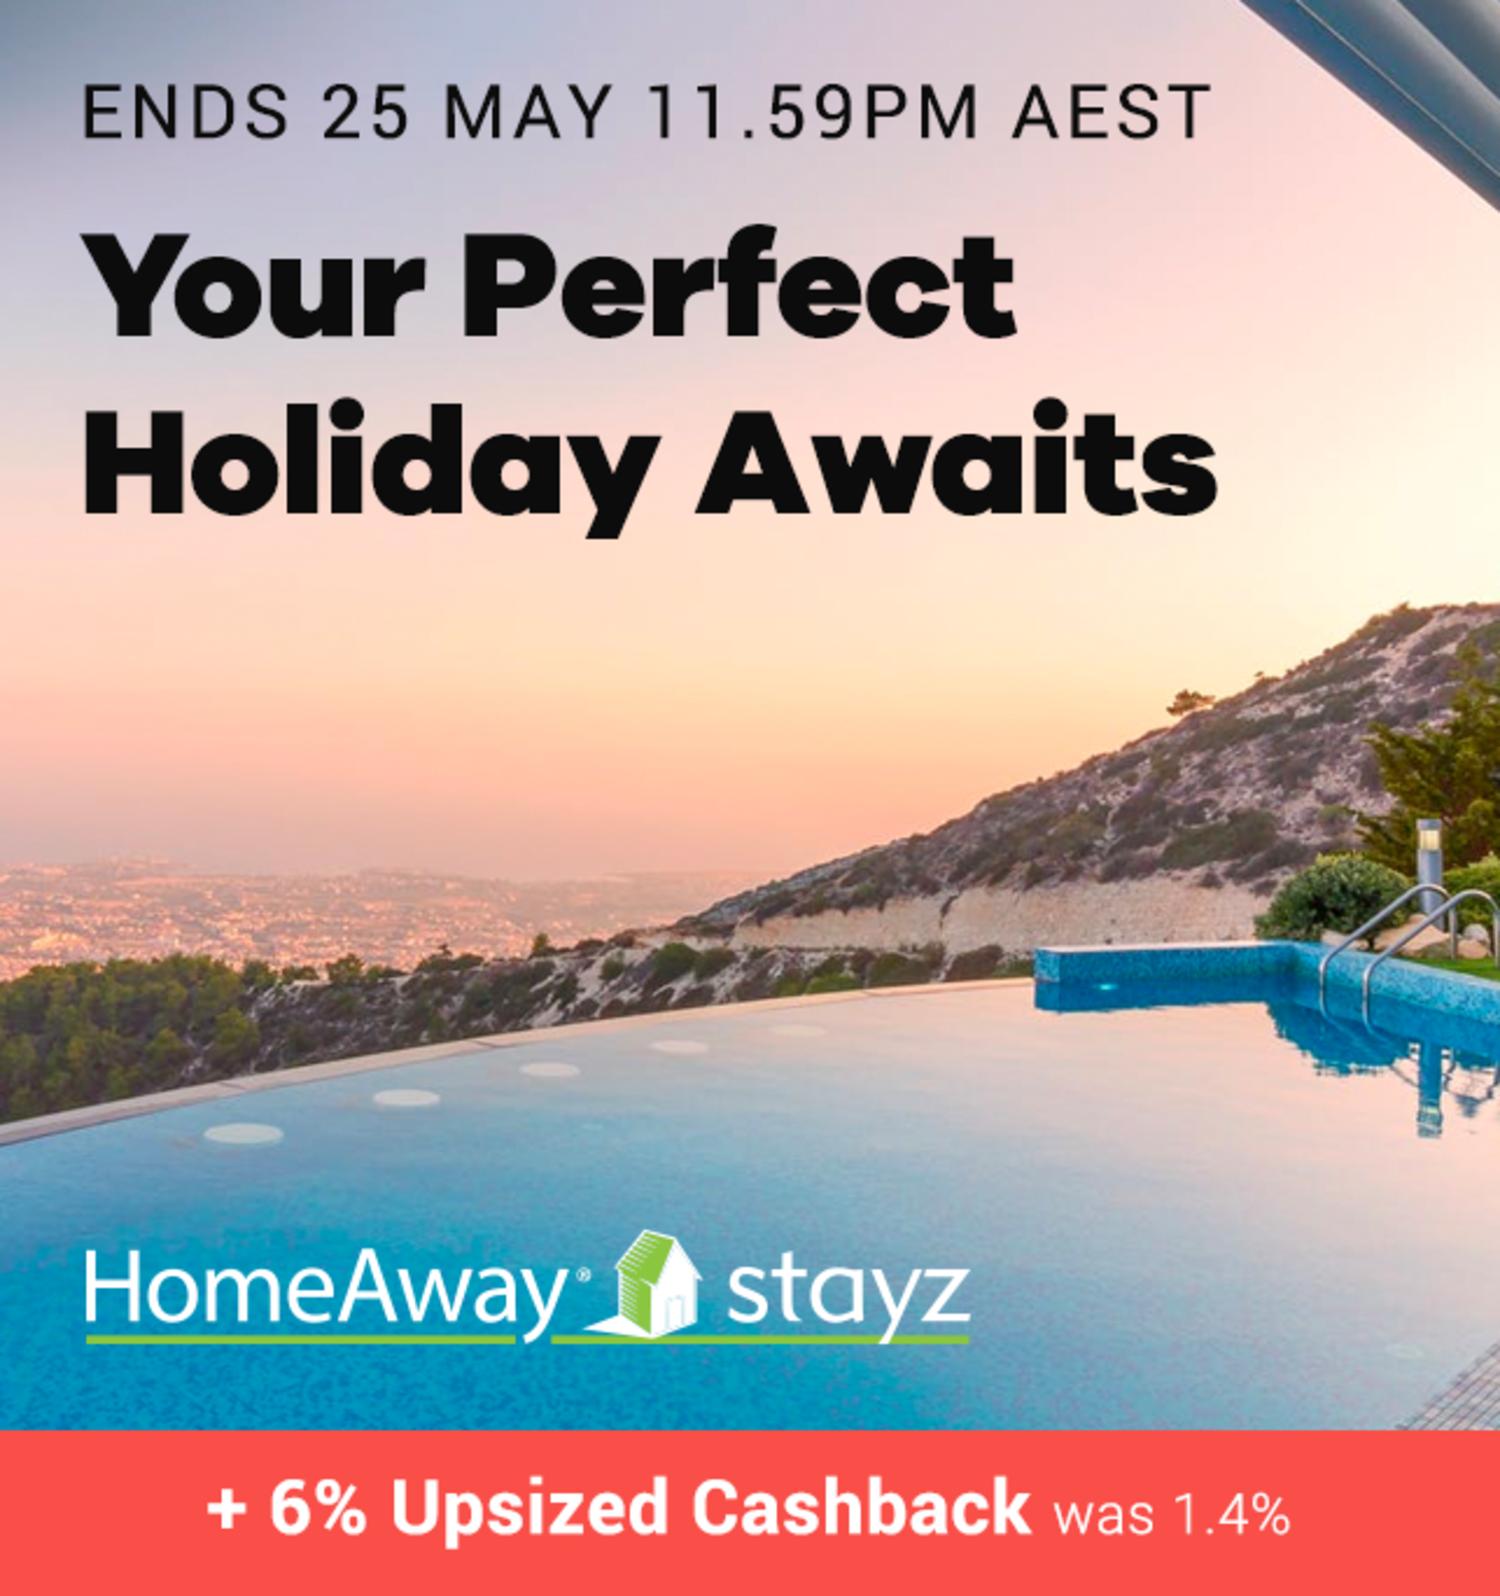 Homeaway/Stayz - 6% Upsized Cashback